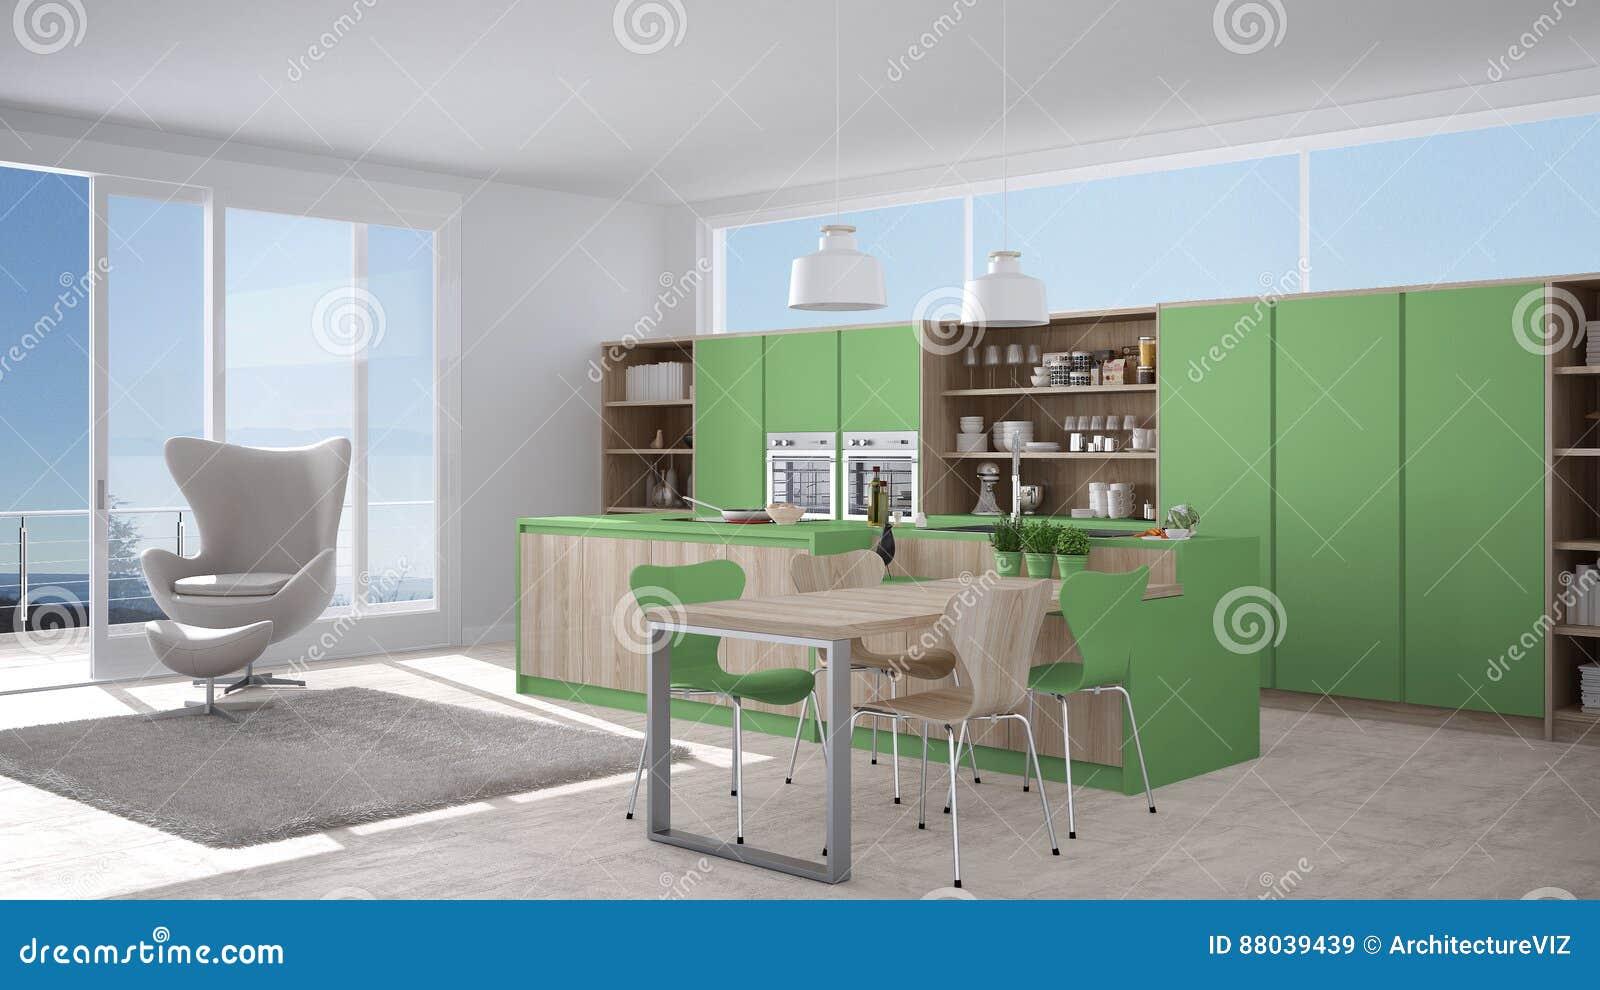 cuisine blanche et verte moderne avec les dtails en bois grande fentre w